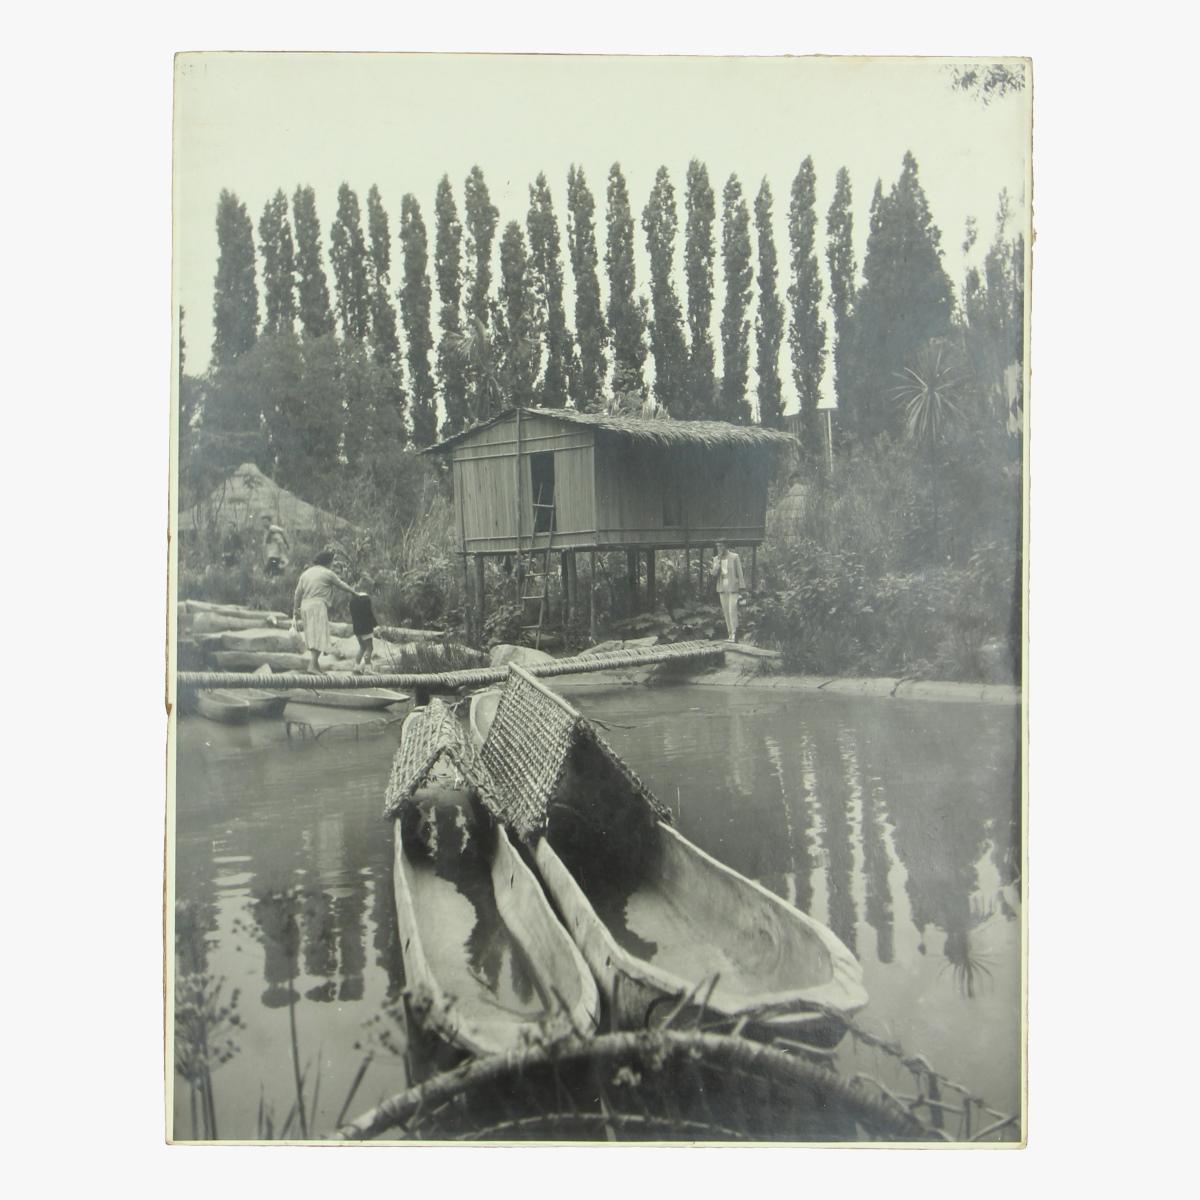 Afbeeldingen van Expo 58 foto op hout